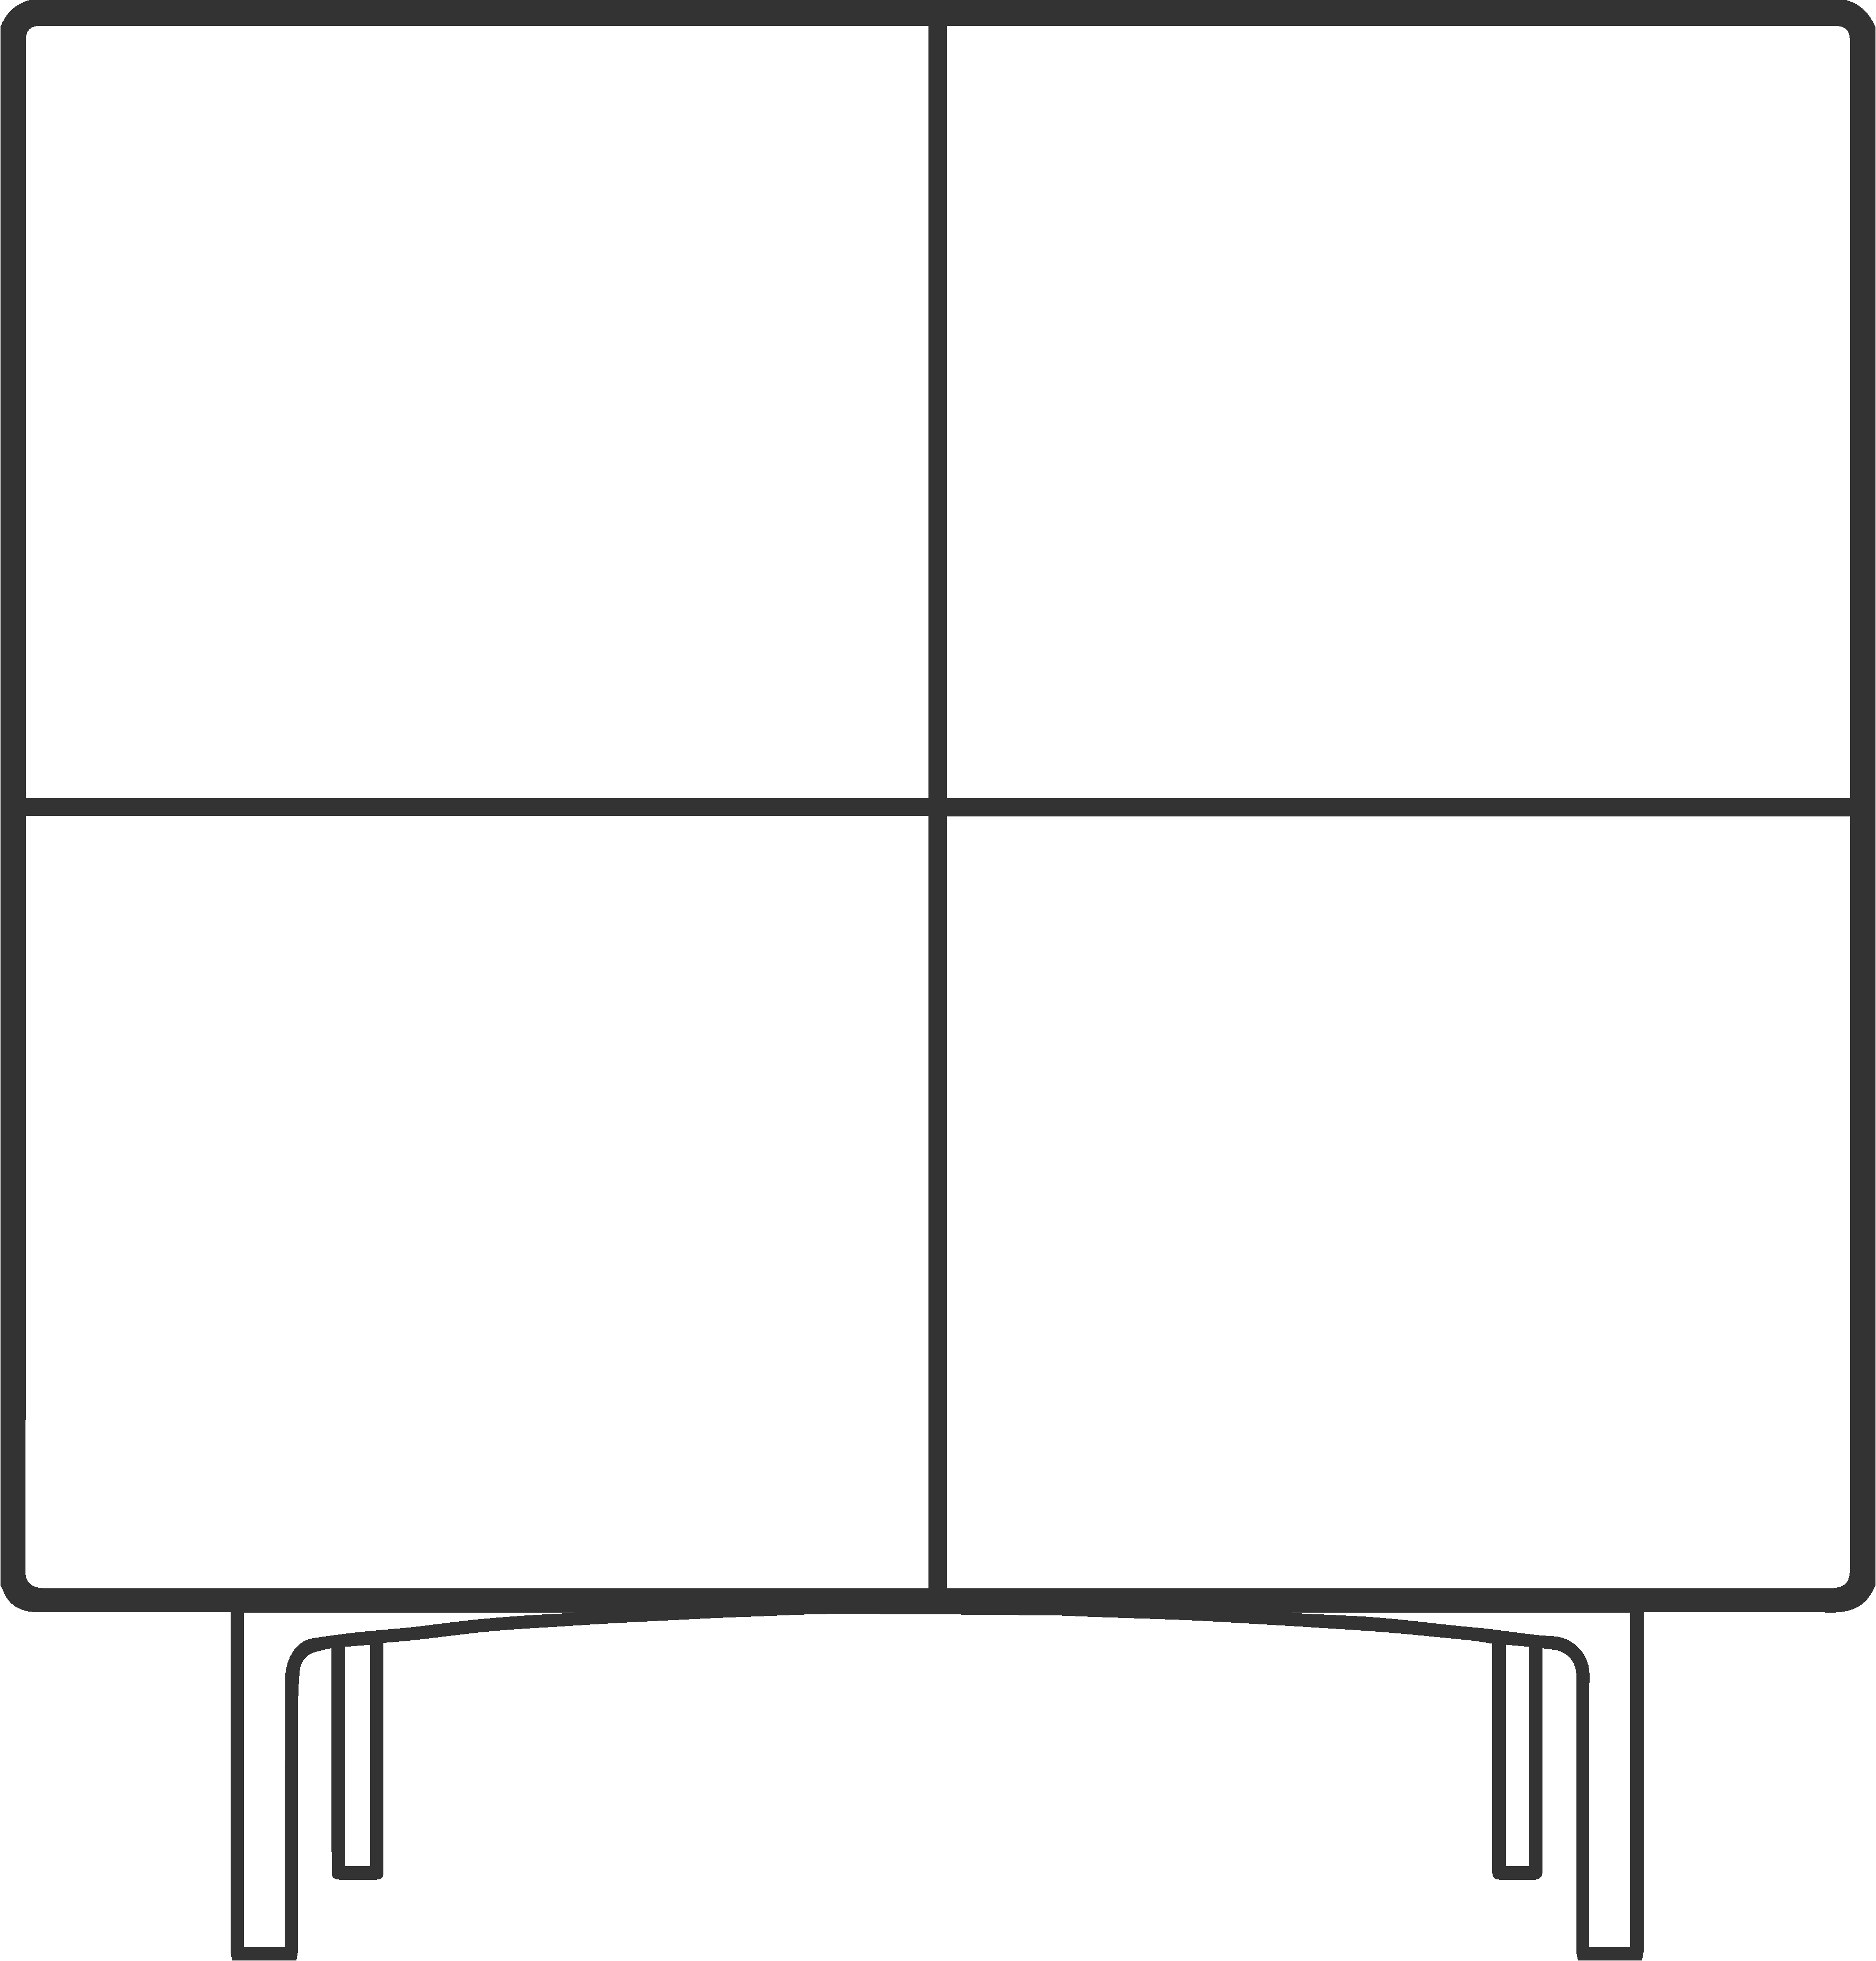 Ansichtszeichnung_Passion_Sideboard_4